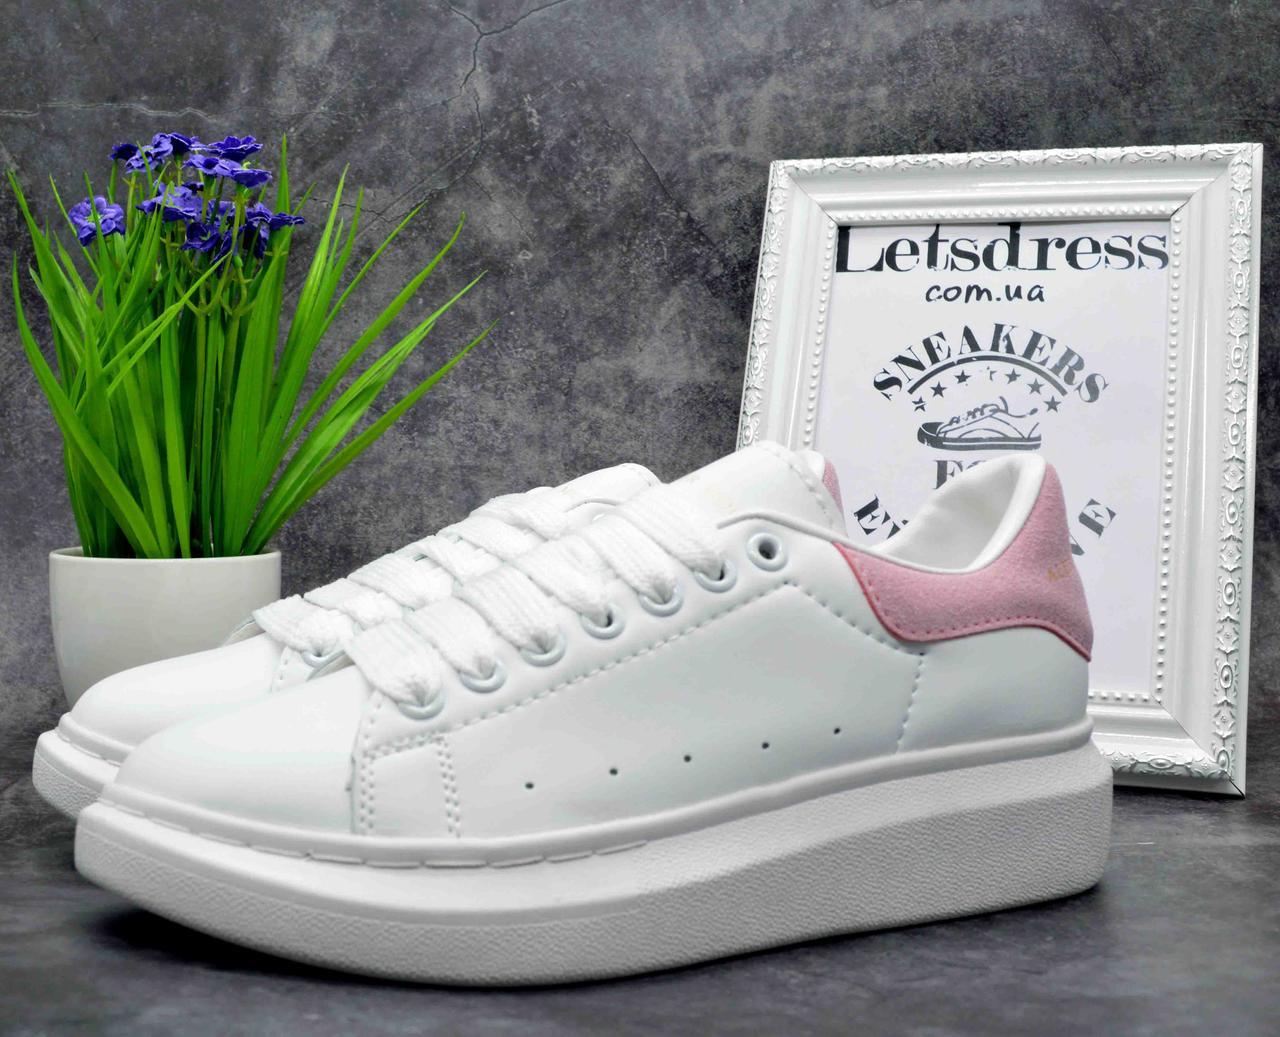 Женские кроссовки Alexander McQueen White Pink Кожа Александр Маккуин белые с розовым кроссовки на платформе